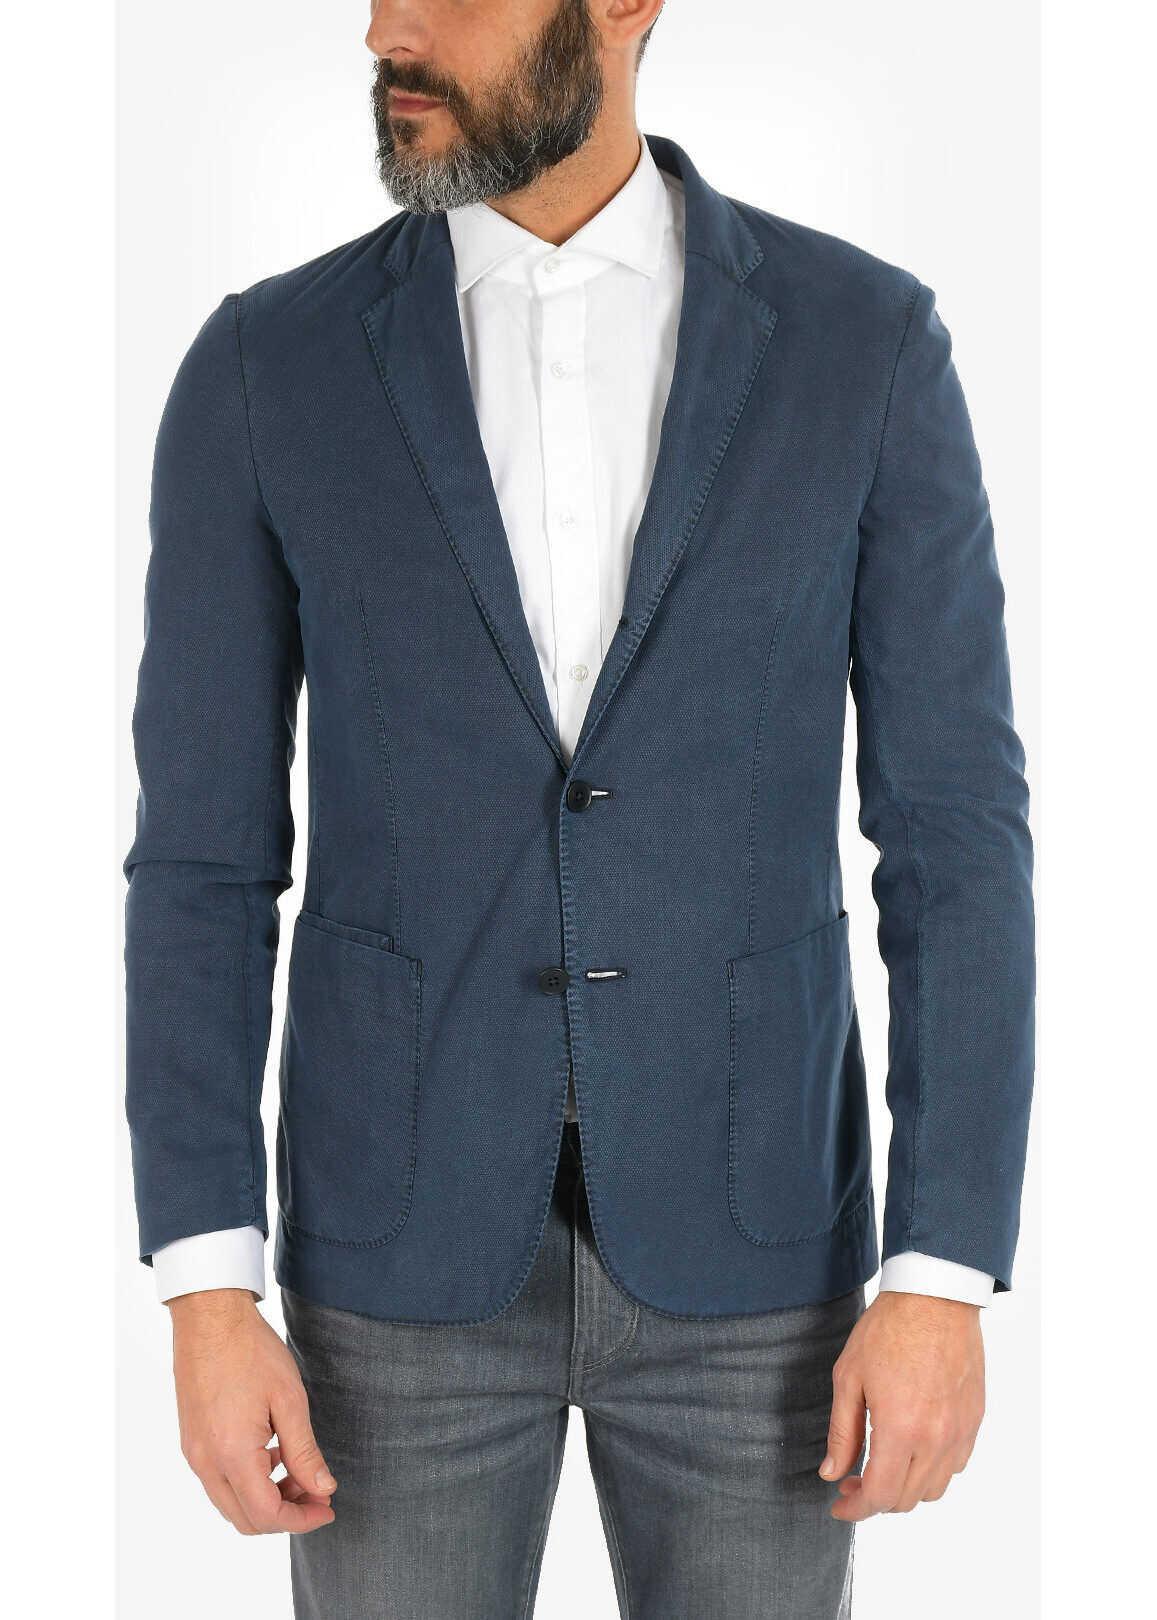 Ermenegildo Zegna ZZEGNA 3 Button Blazer with Patch Pockets BLUE imagine